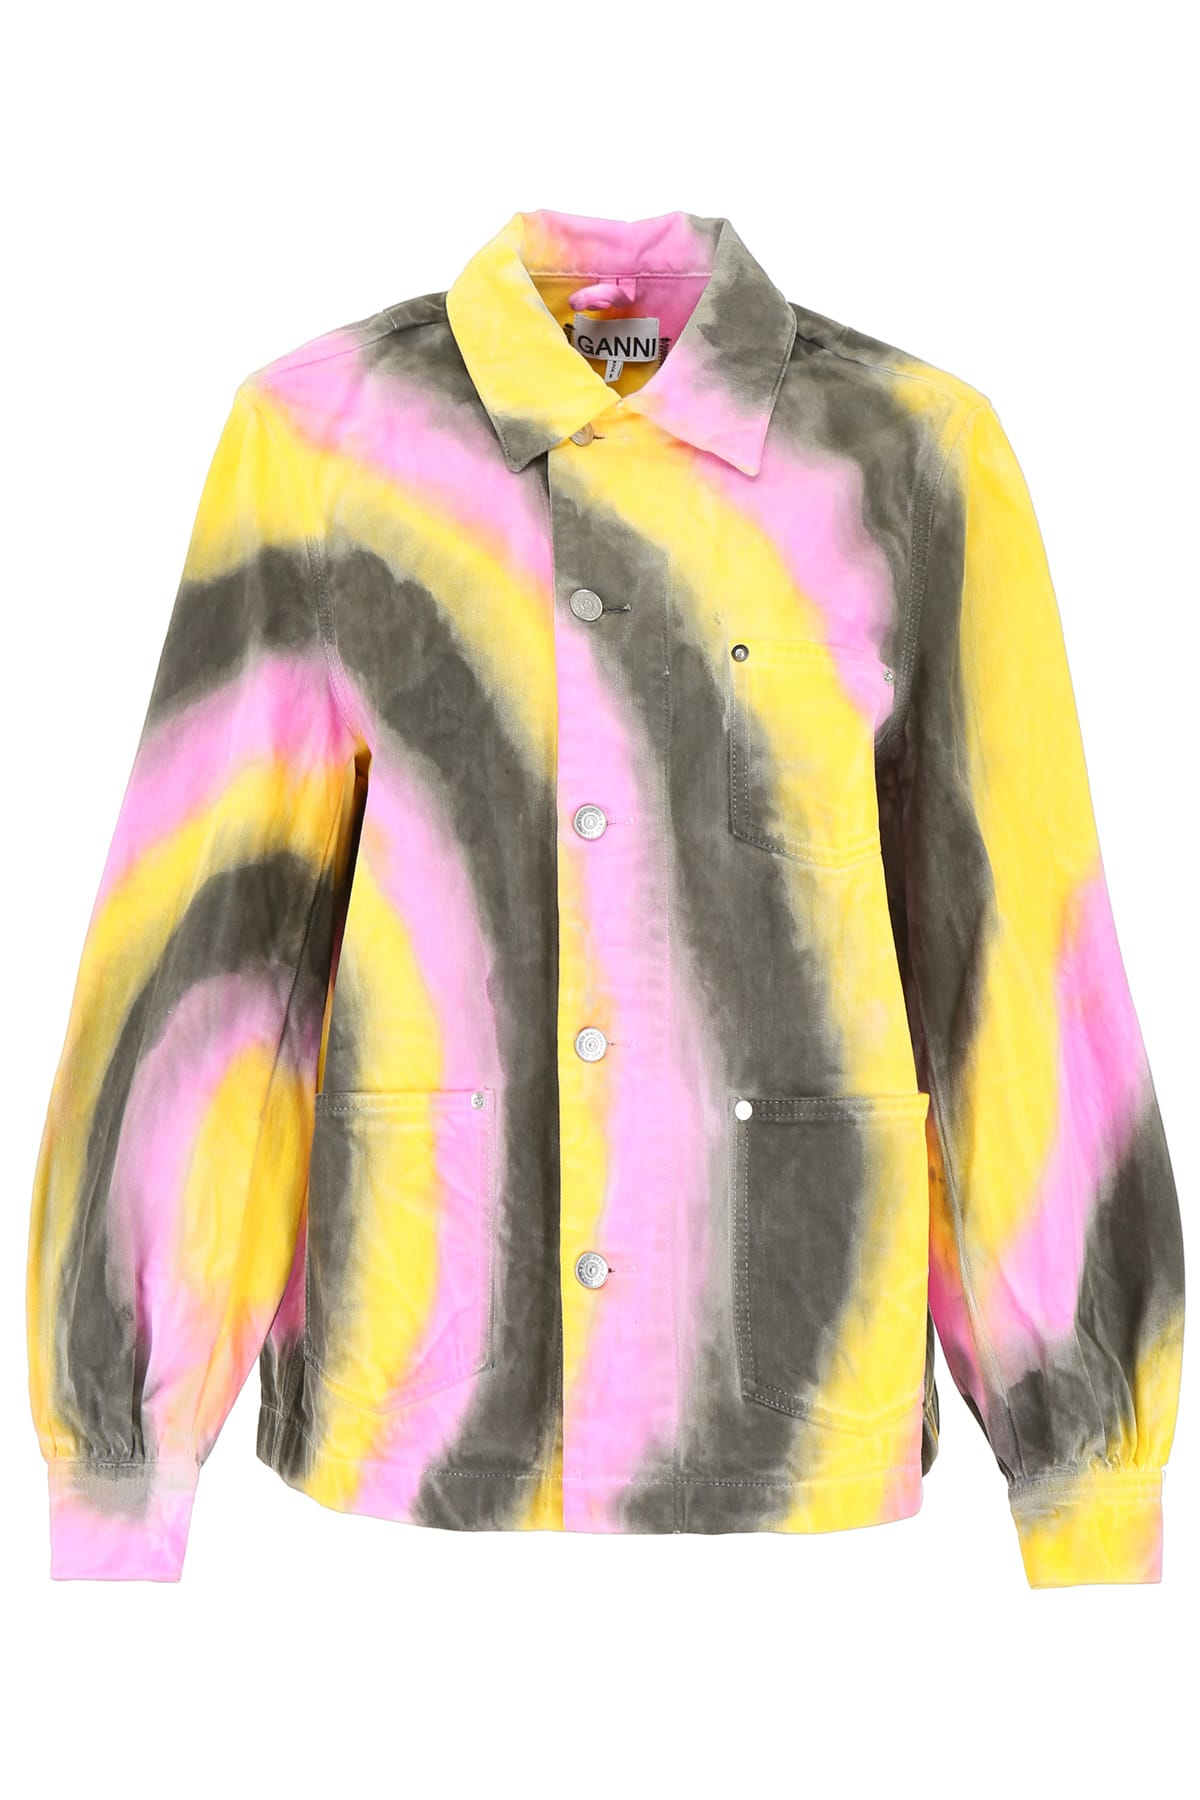 Ganni Tie Dye Jacket